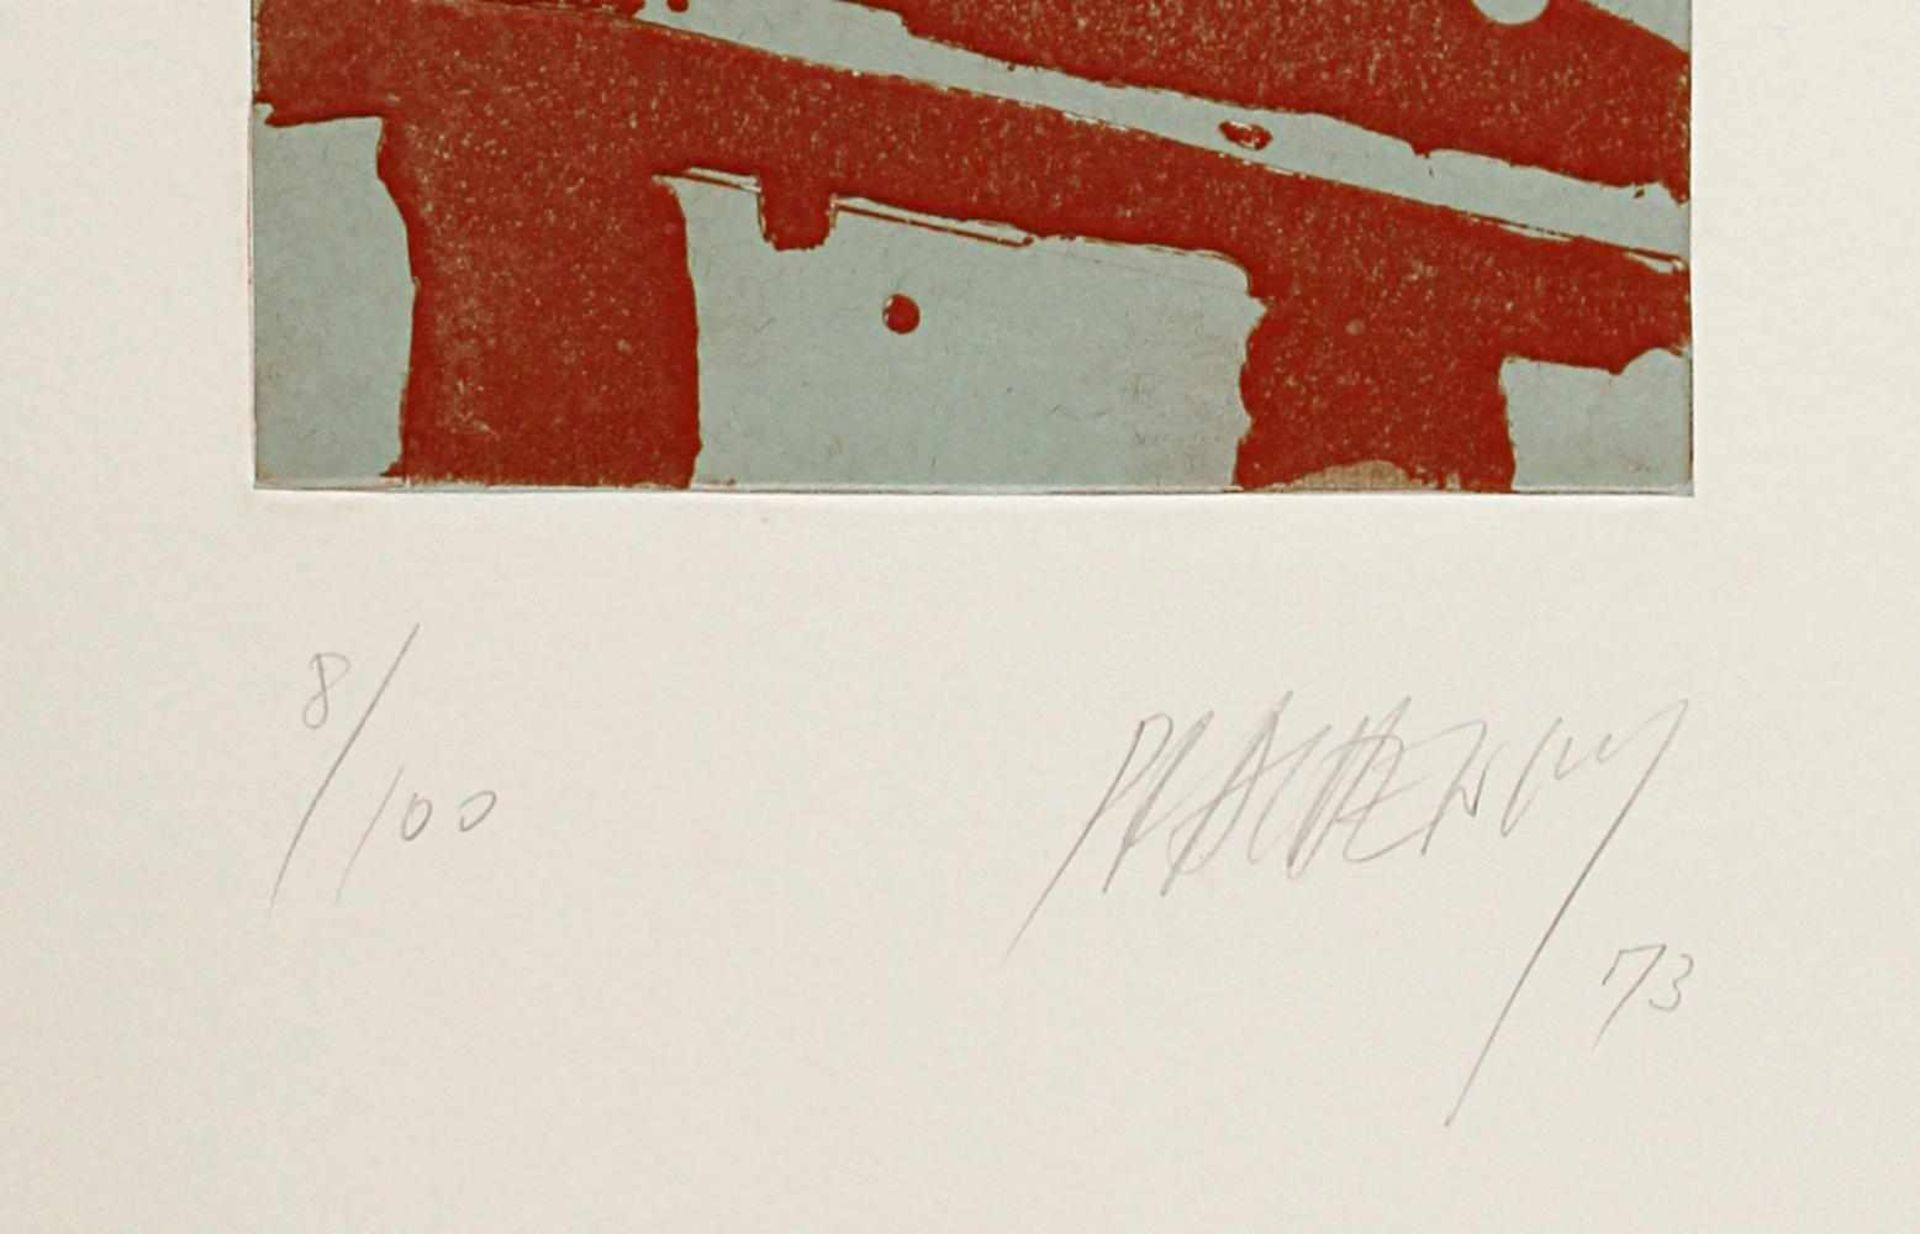 Markus Prachensky 1932-2011 o.T. 1973 Farbradierung handsigniert und nummeriert 55/100 34,5 x 25 cm - Bild 2 aus 2